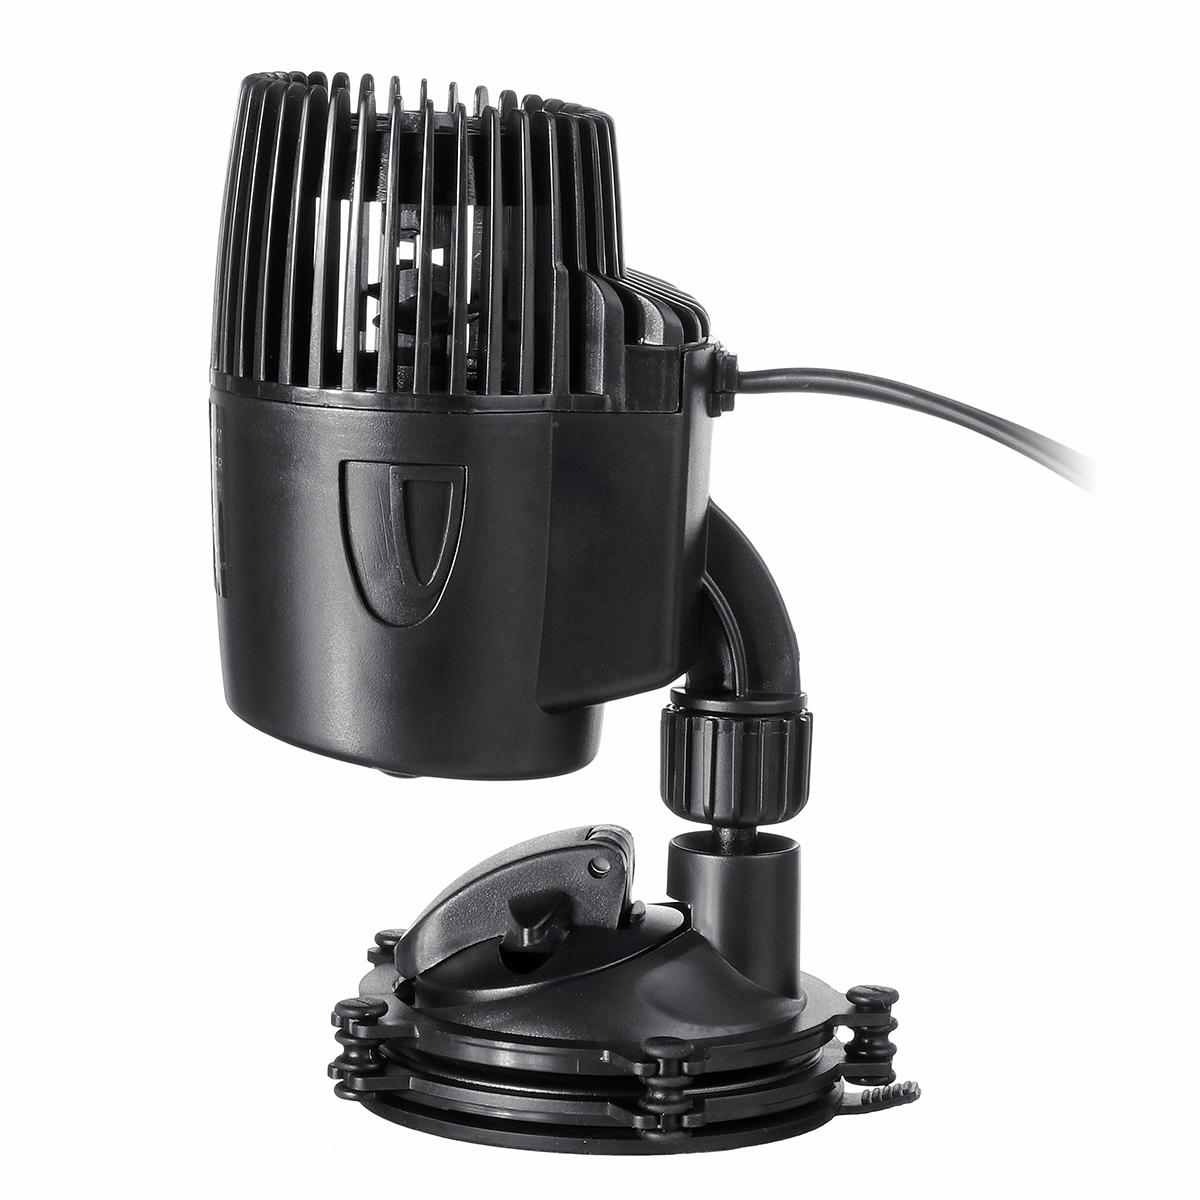 SOBO 10W/15W/25W Wave Maker Aquarium Pump Silent Circulation Pump Fish Tank Aquarium Wavemaker Pump